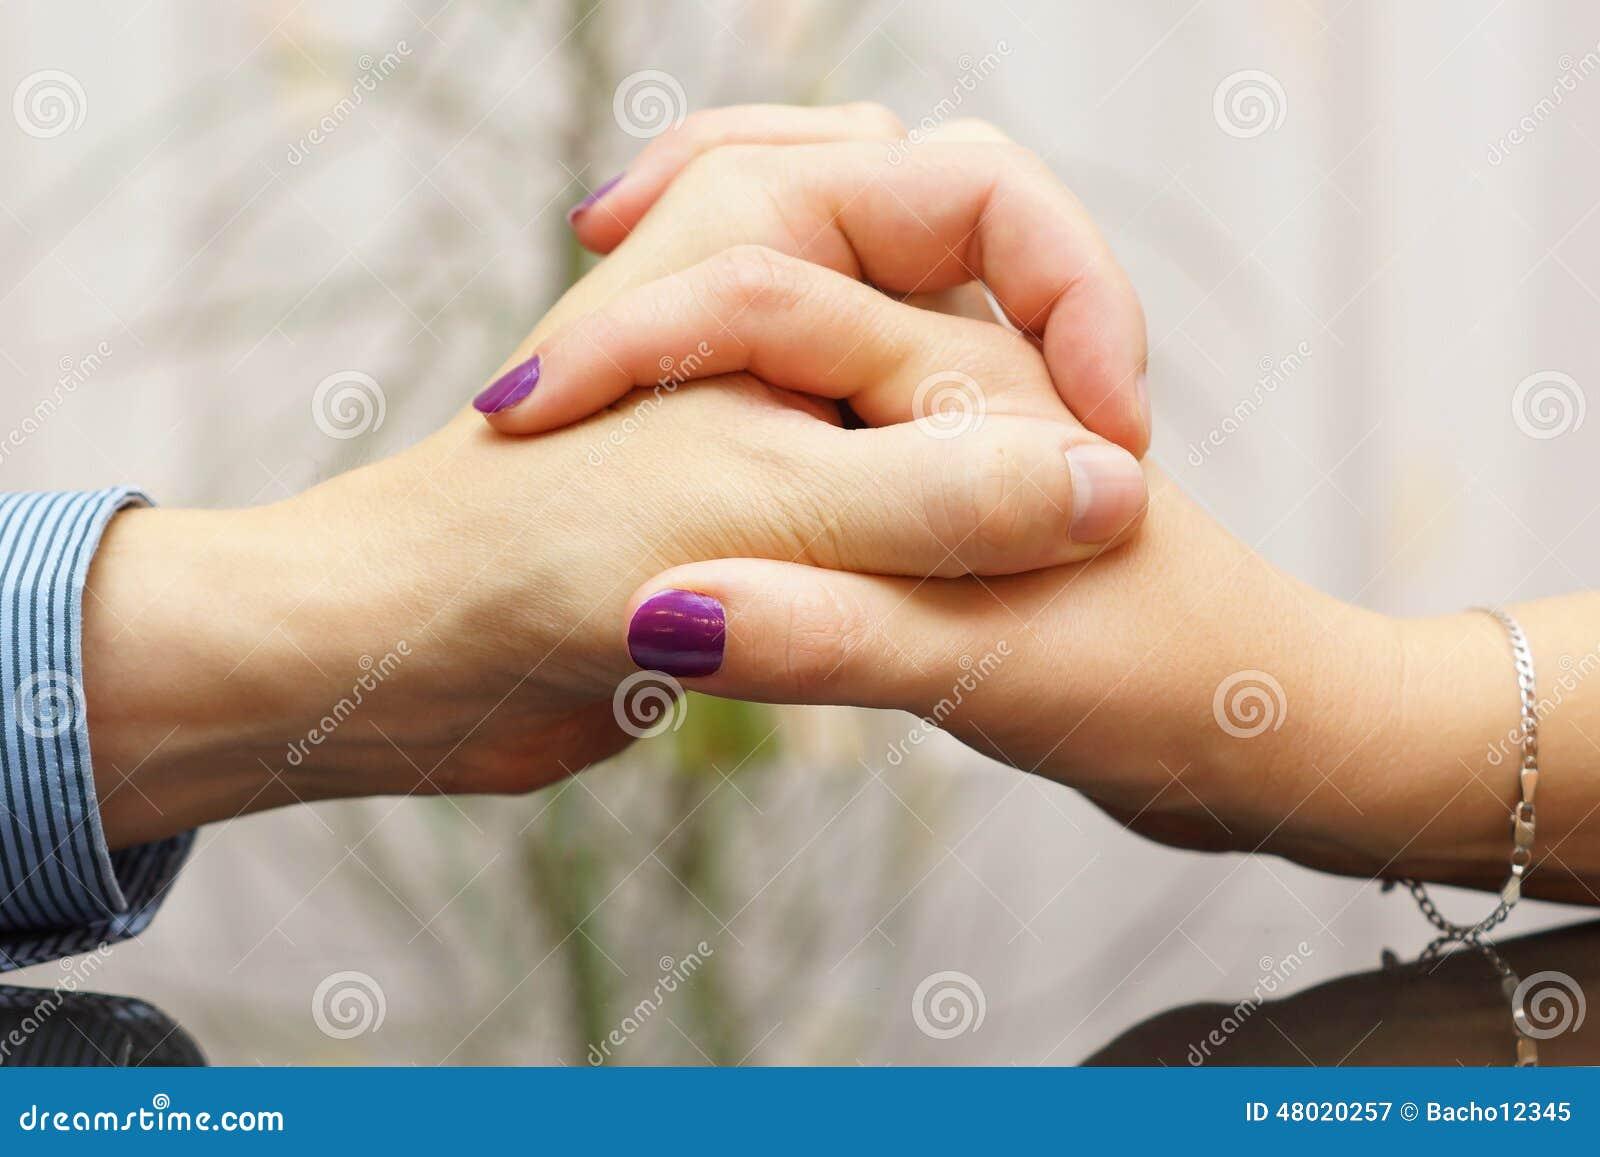 Homme et femme montrant l 39 amour et le soin entre eux avec - Amour entre femme et homme dans le lit ...